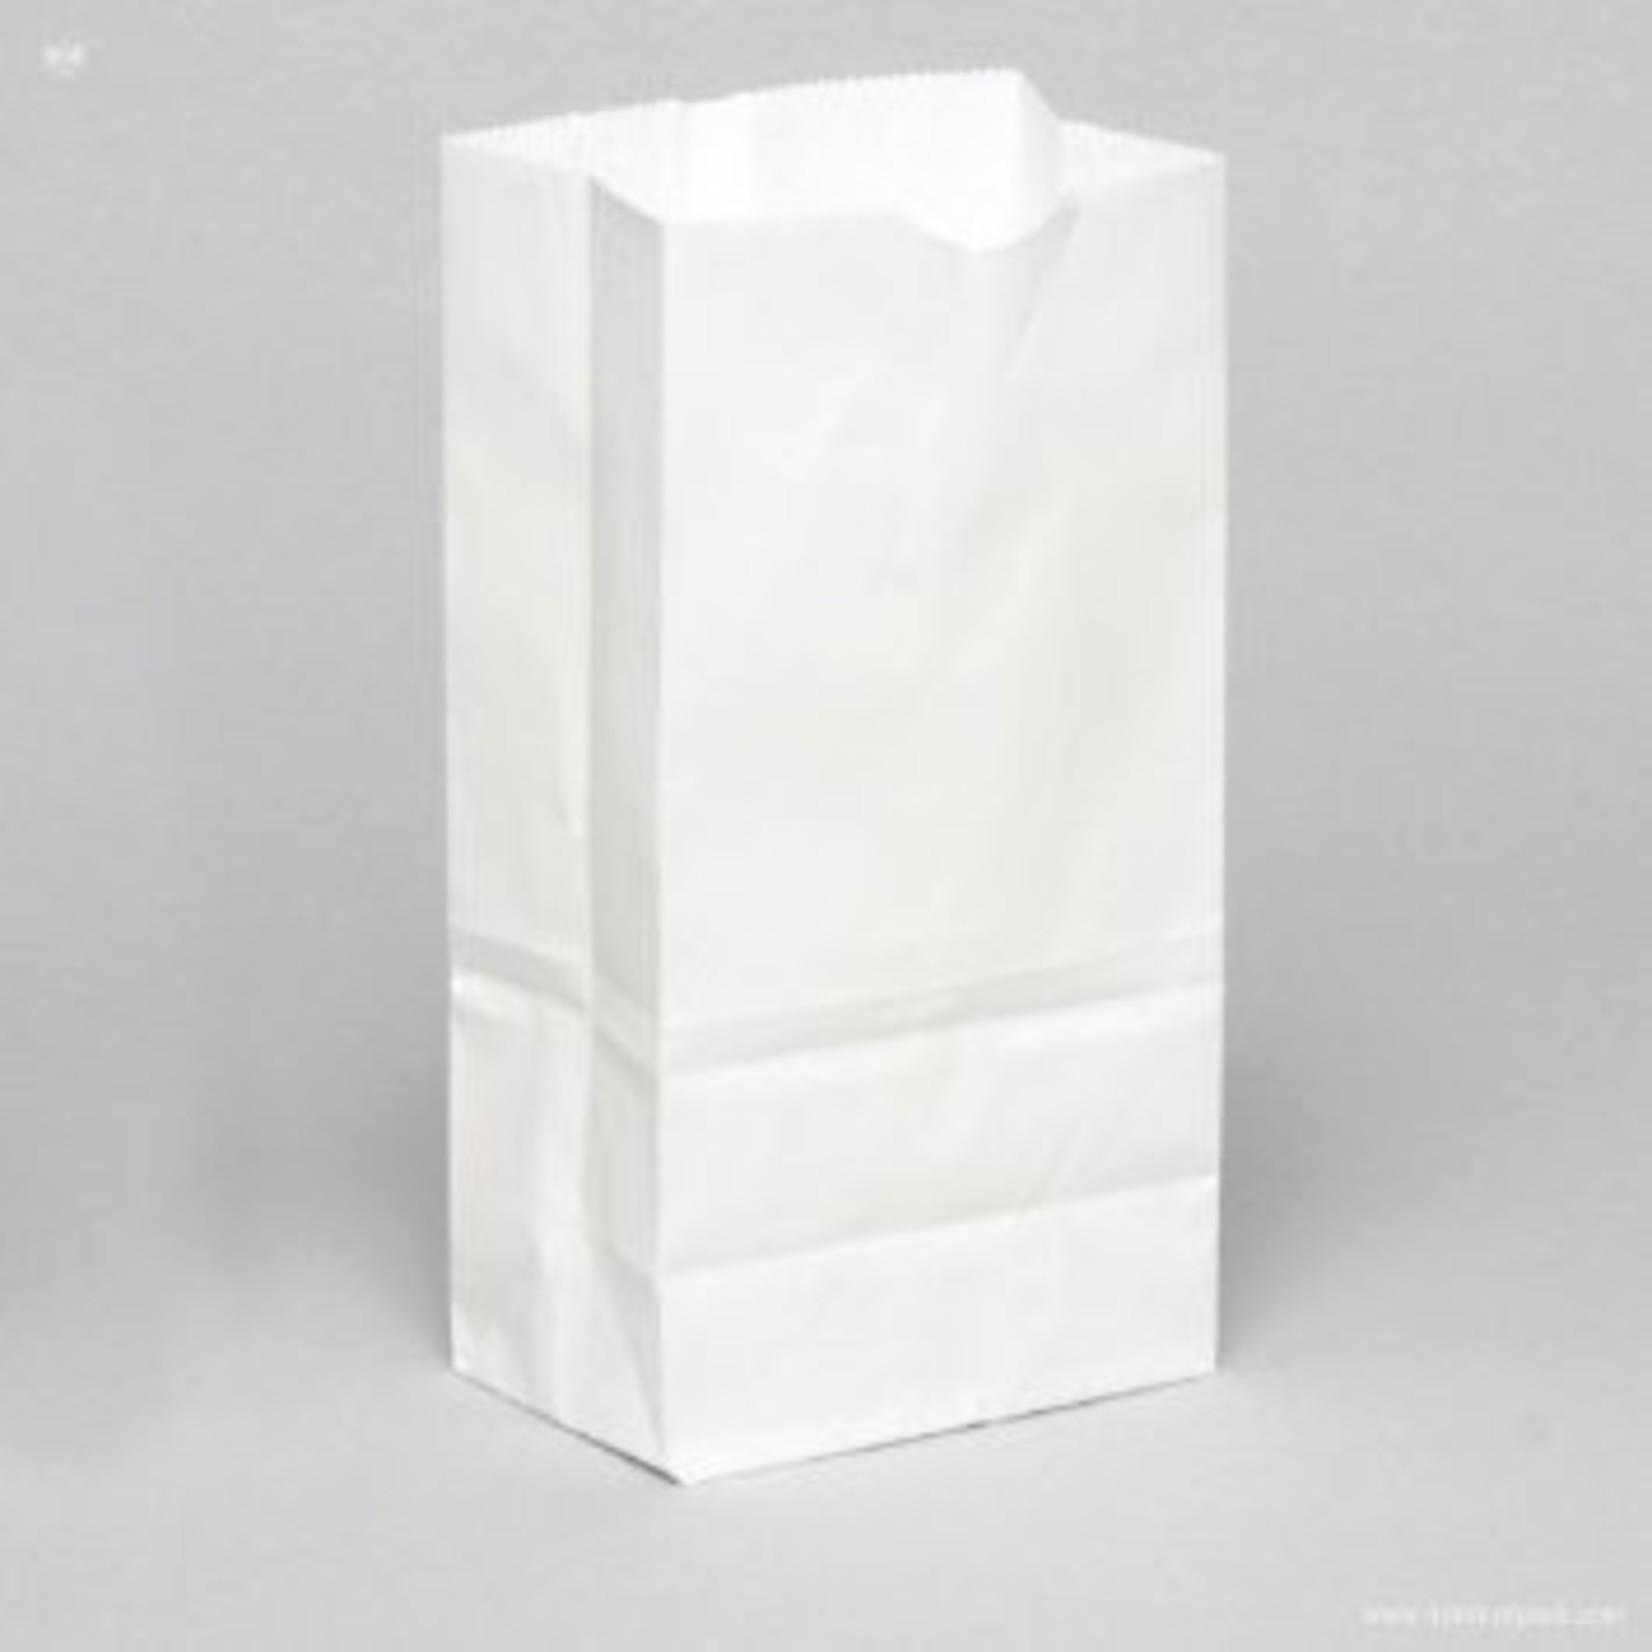 Bags-White-Paper-2lb-50pk